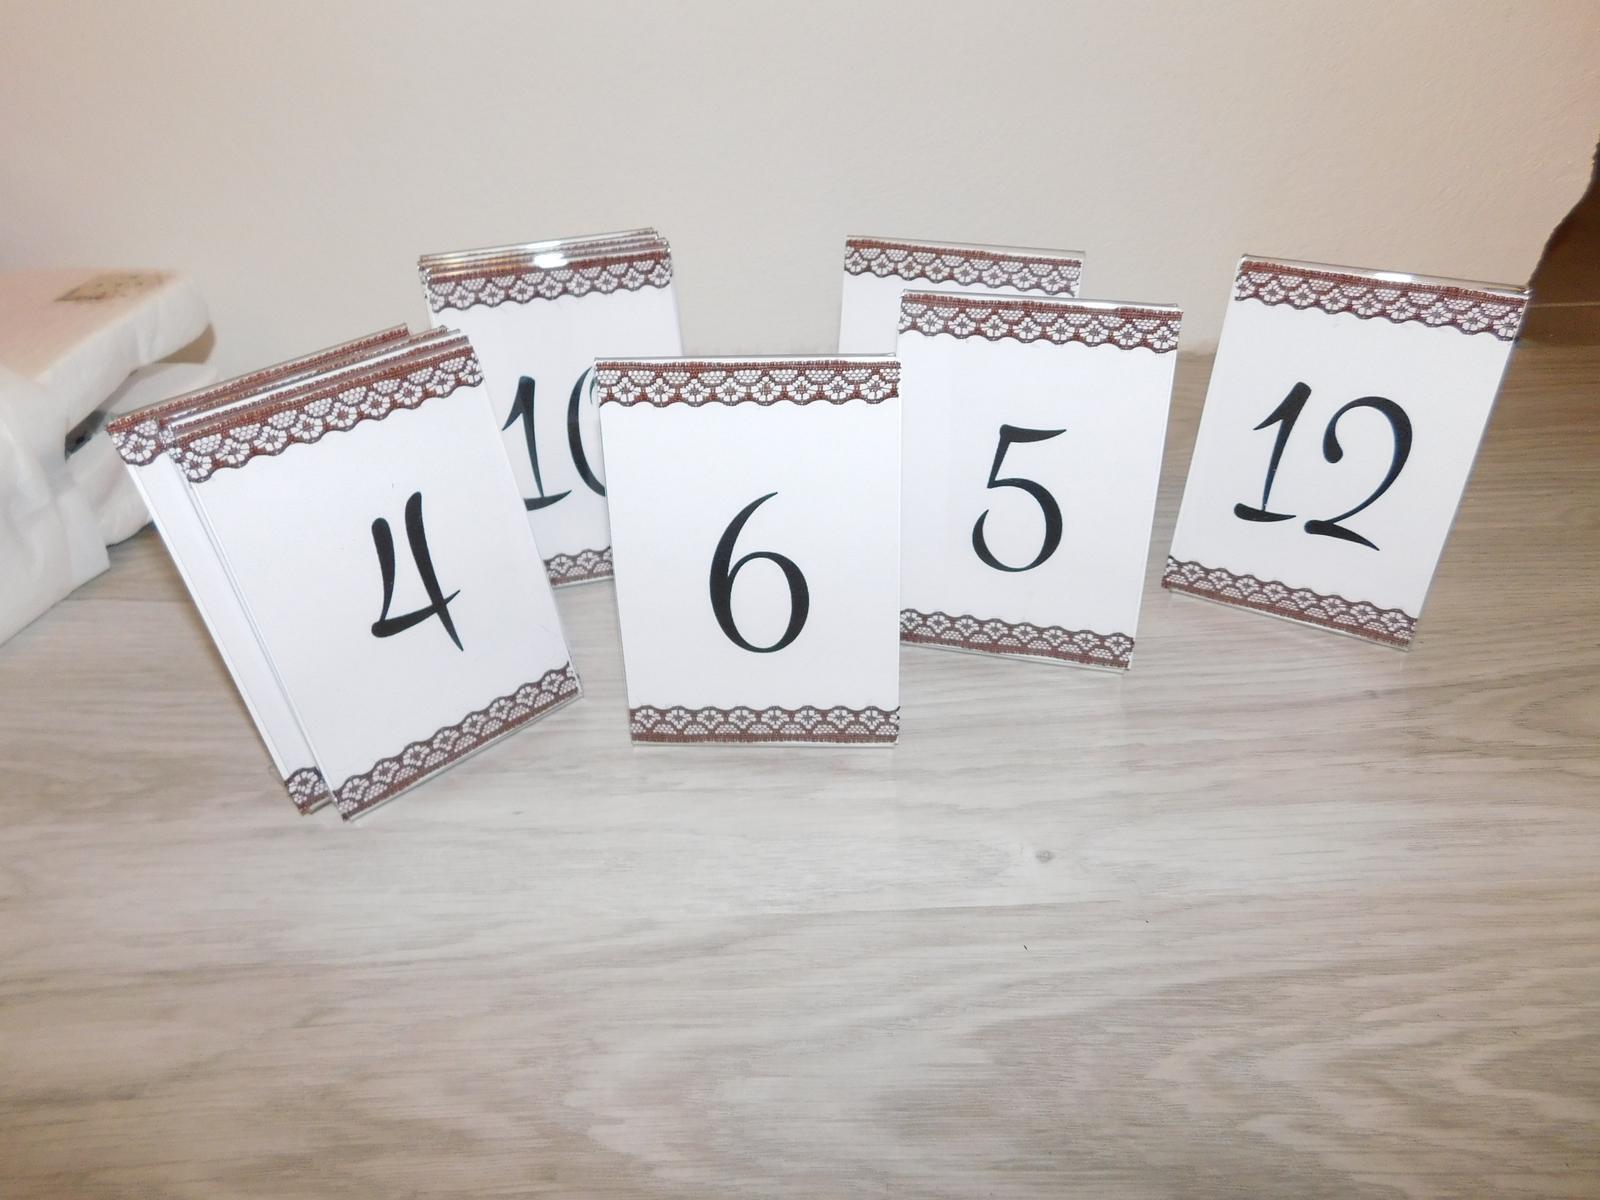 označenie stolov 2 druhy - Obrázok č. 1